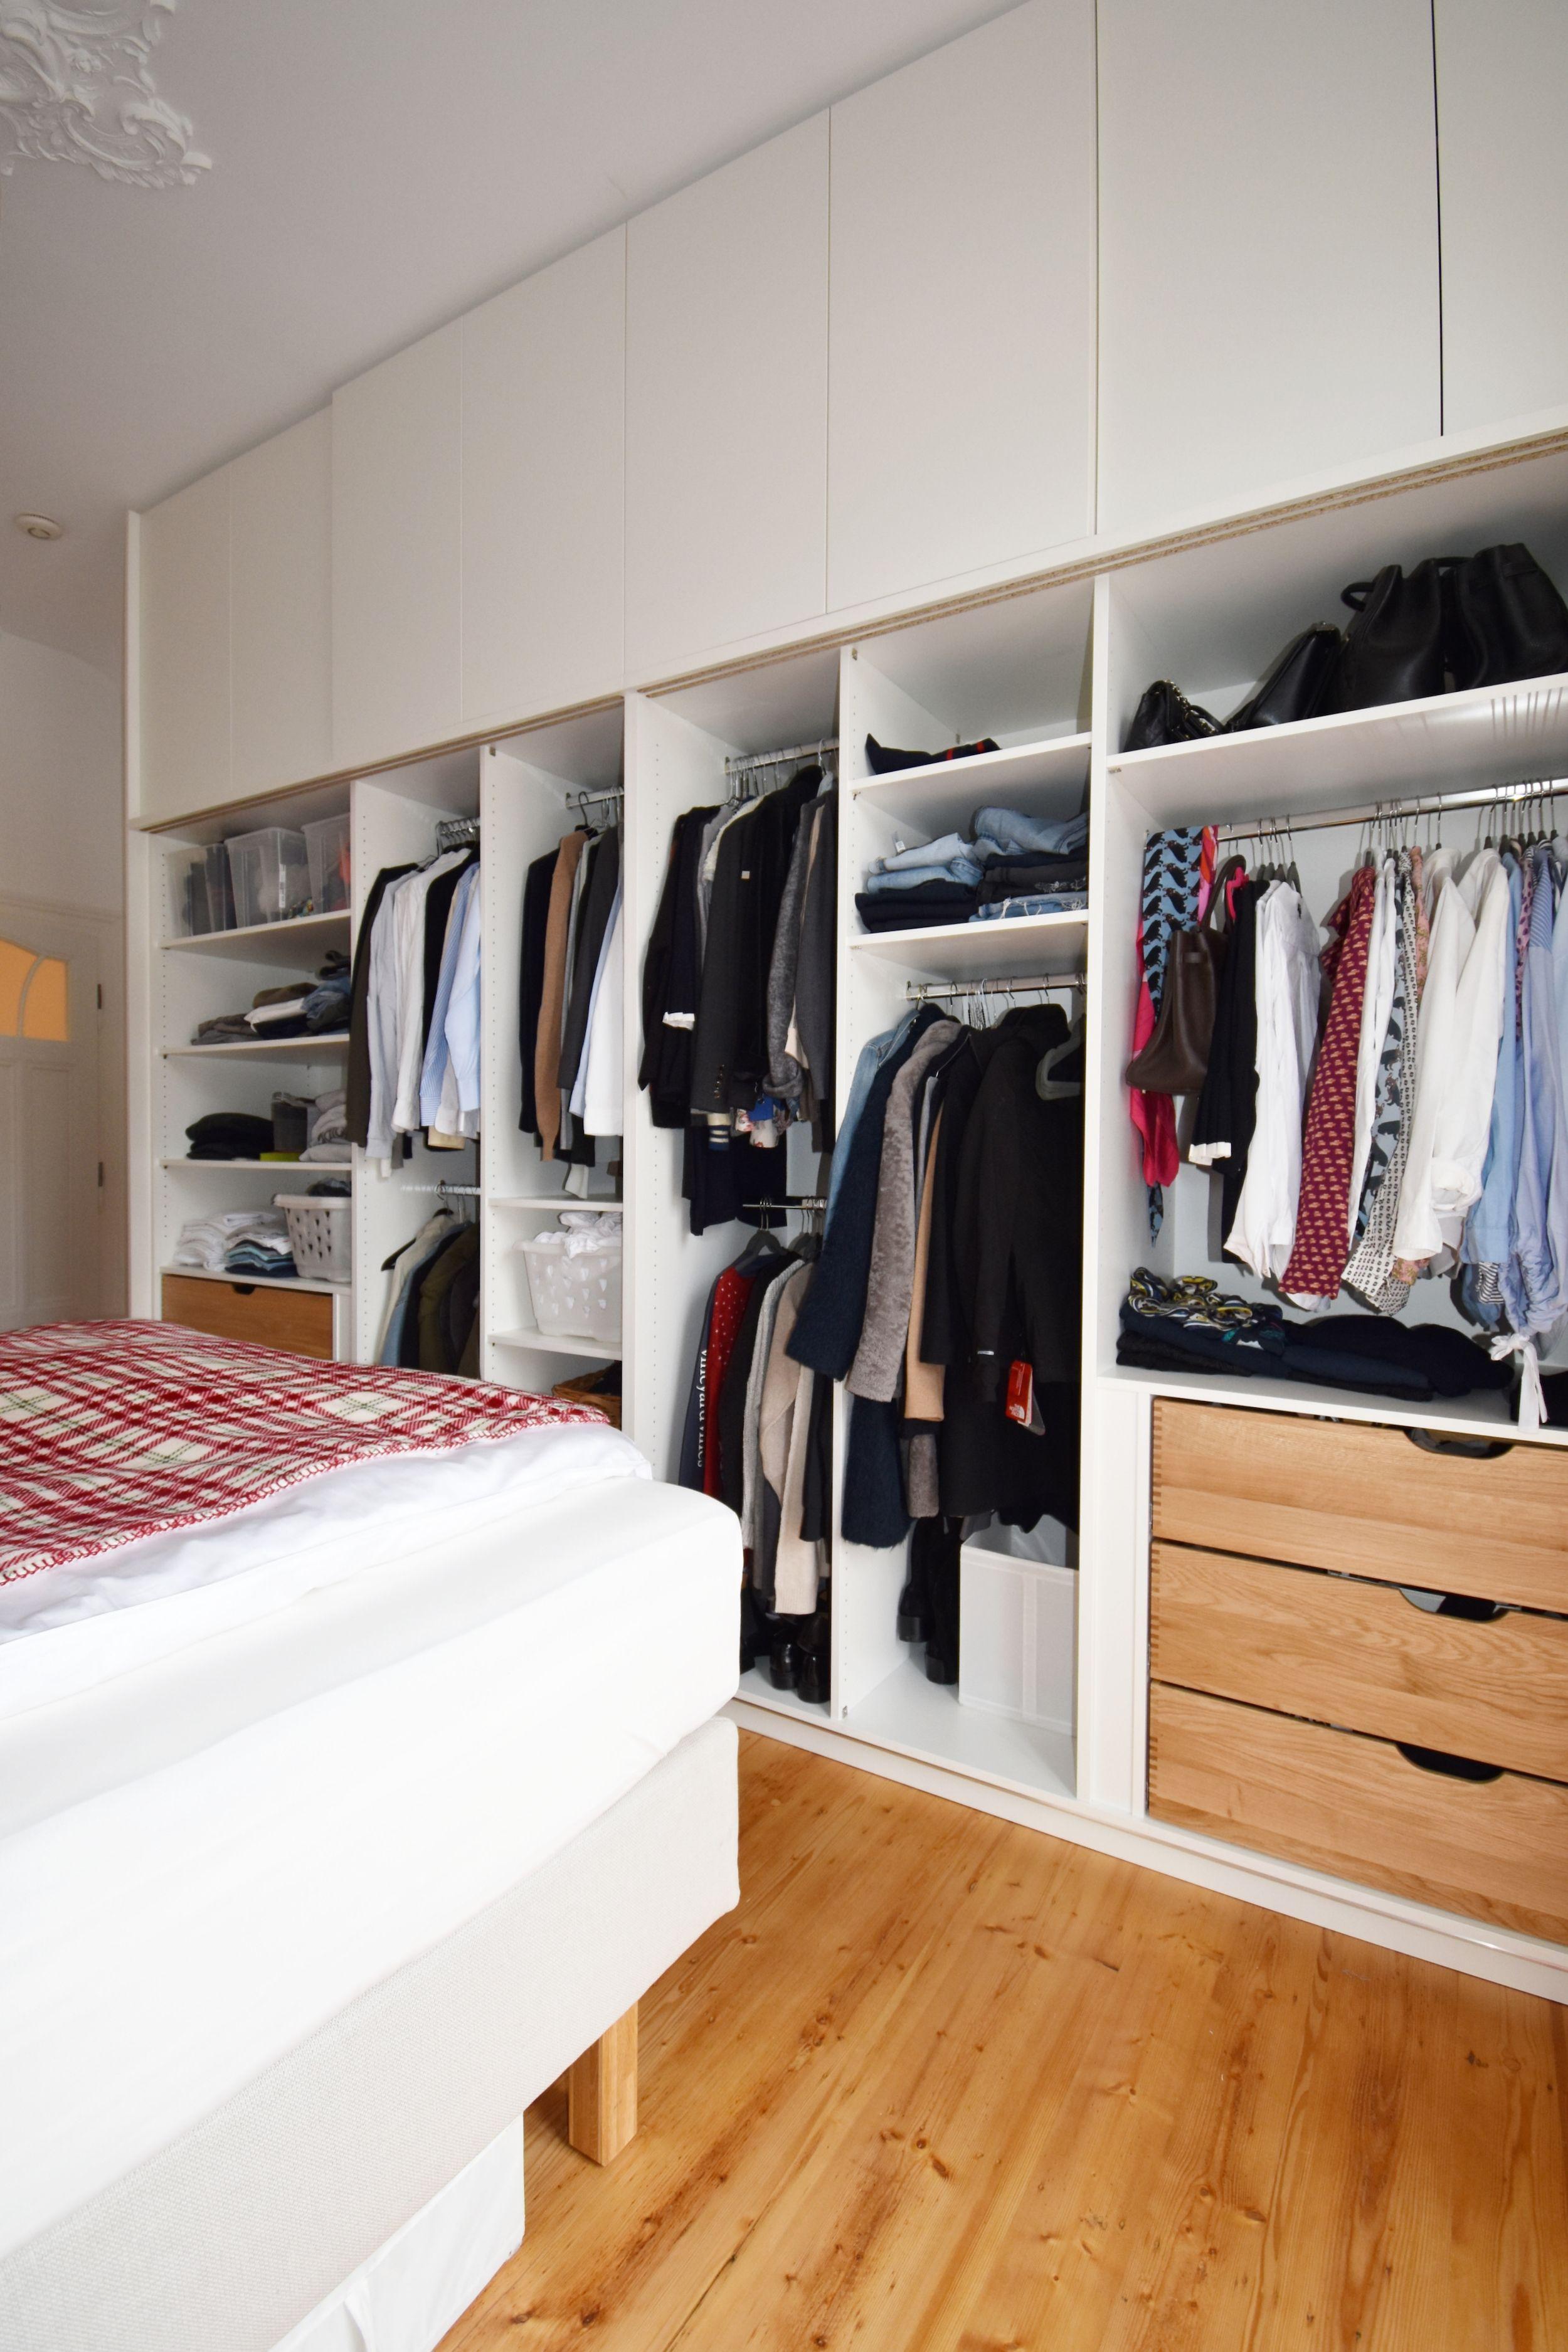 Schlafzimmerschliebetürschrank EKU Clipo 36   Einbauschrank, Kleiderschrank nach maß, Schrank